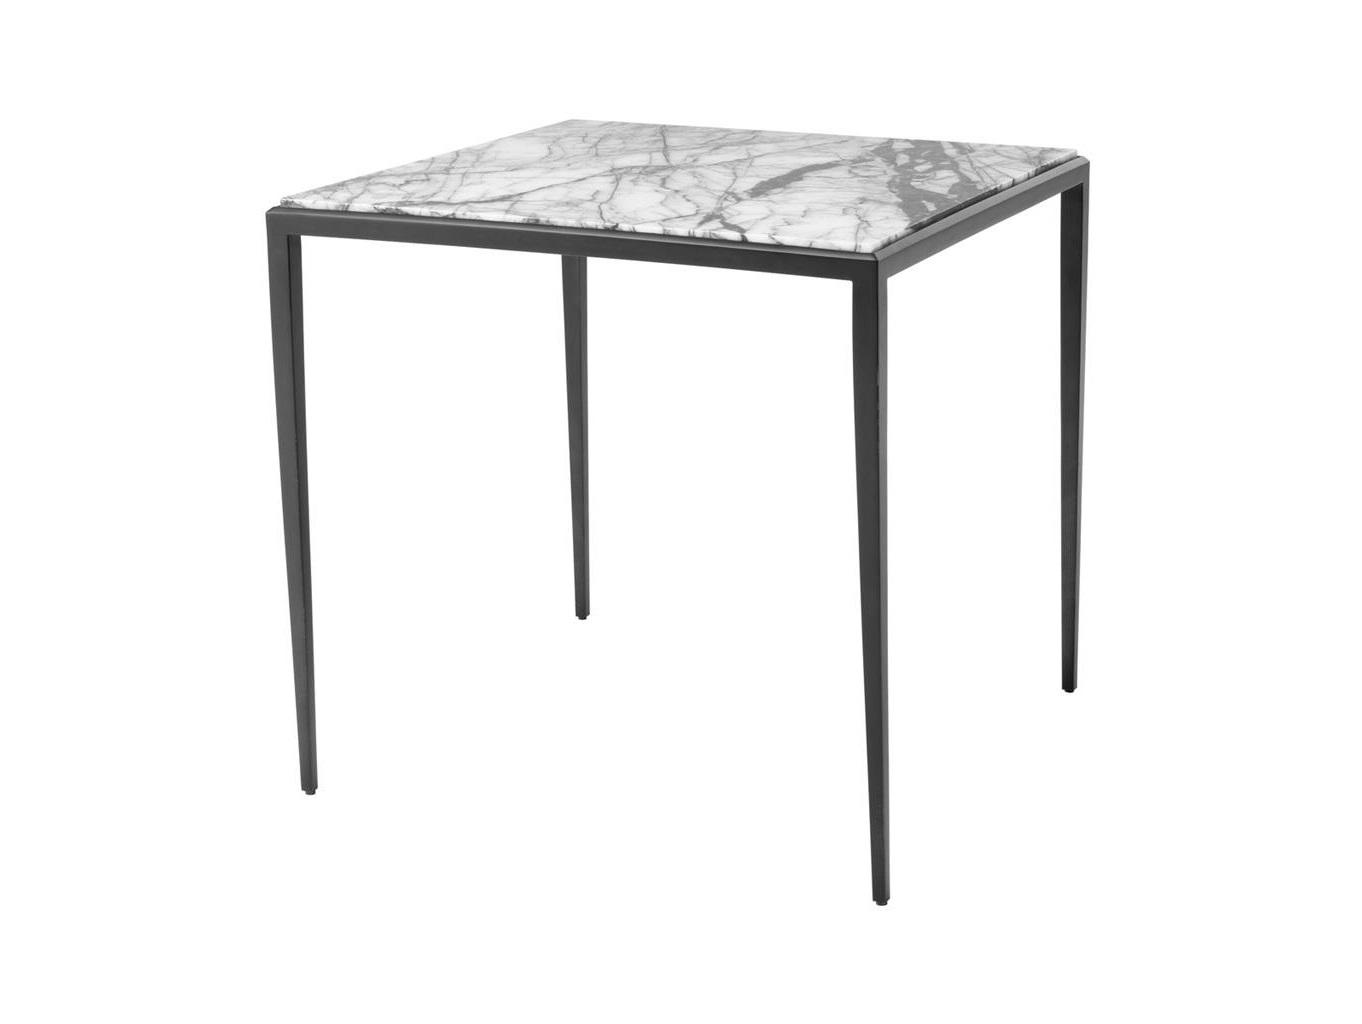 Стол HenleyКофейные столики<br>Столешница из белого мрамора.<br><br>Material: Мрамор<br>Ширина см: 60.0<br>Высота см: 58.0<br>Глубина см: 60.0